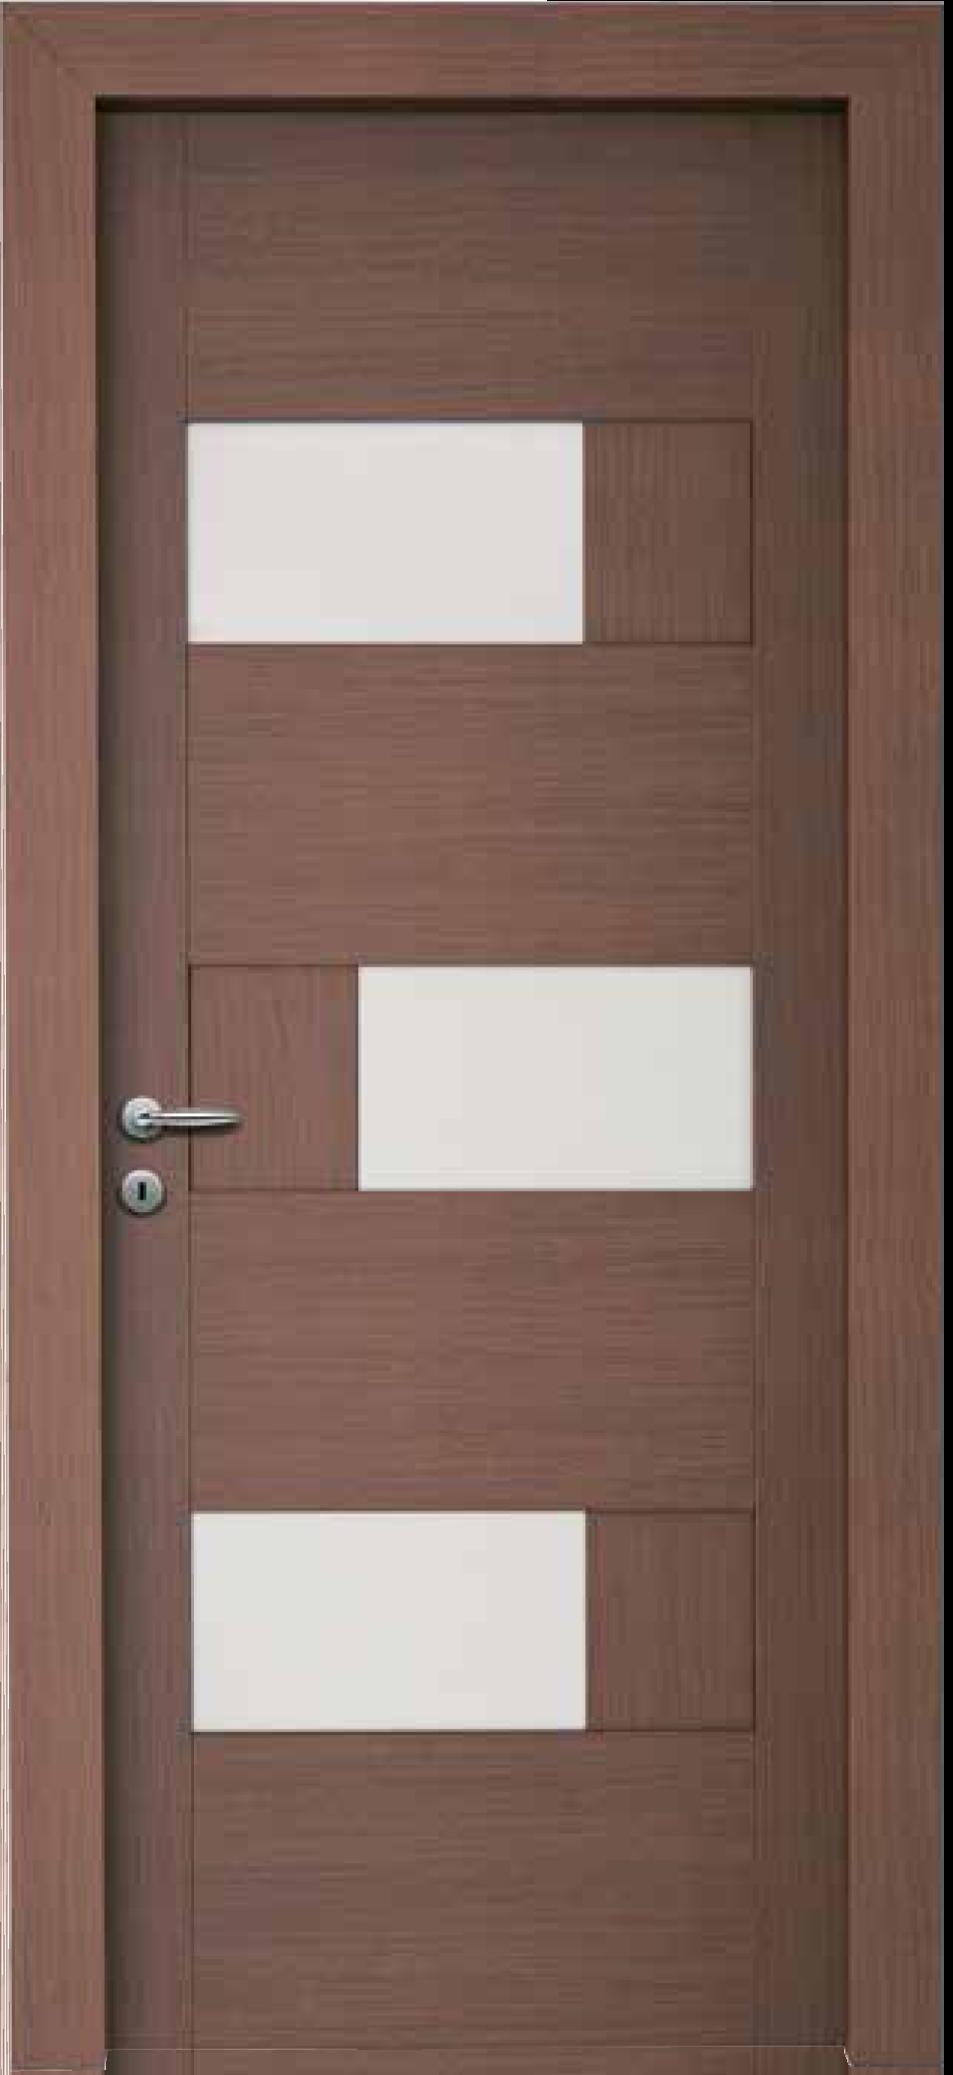 Impresa edile a Bologna | Porte interne per appartamenti EDILGC